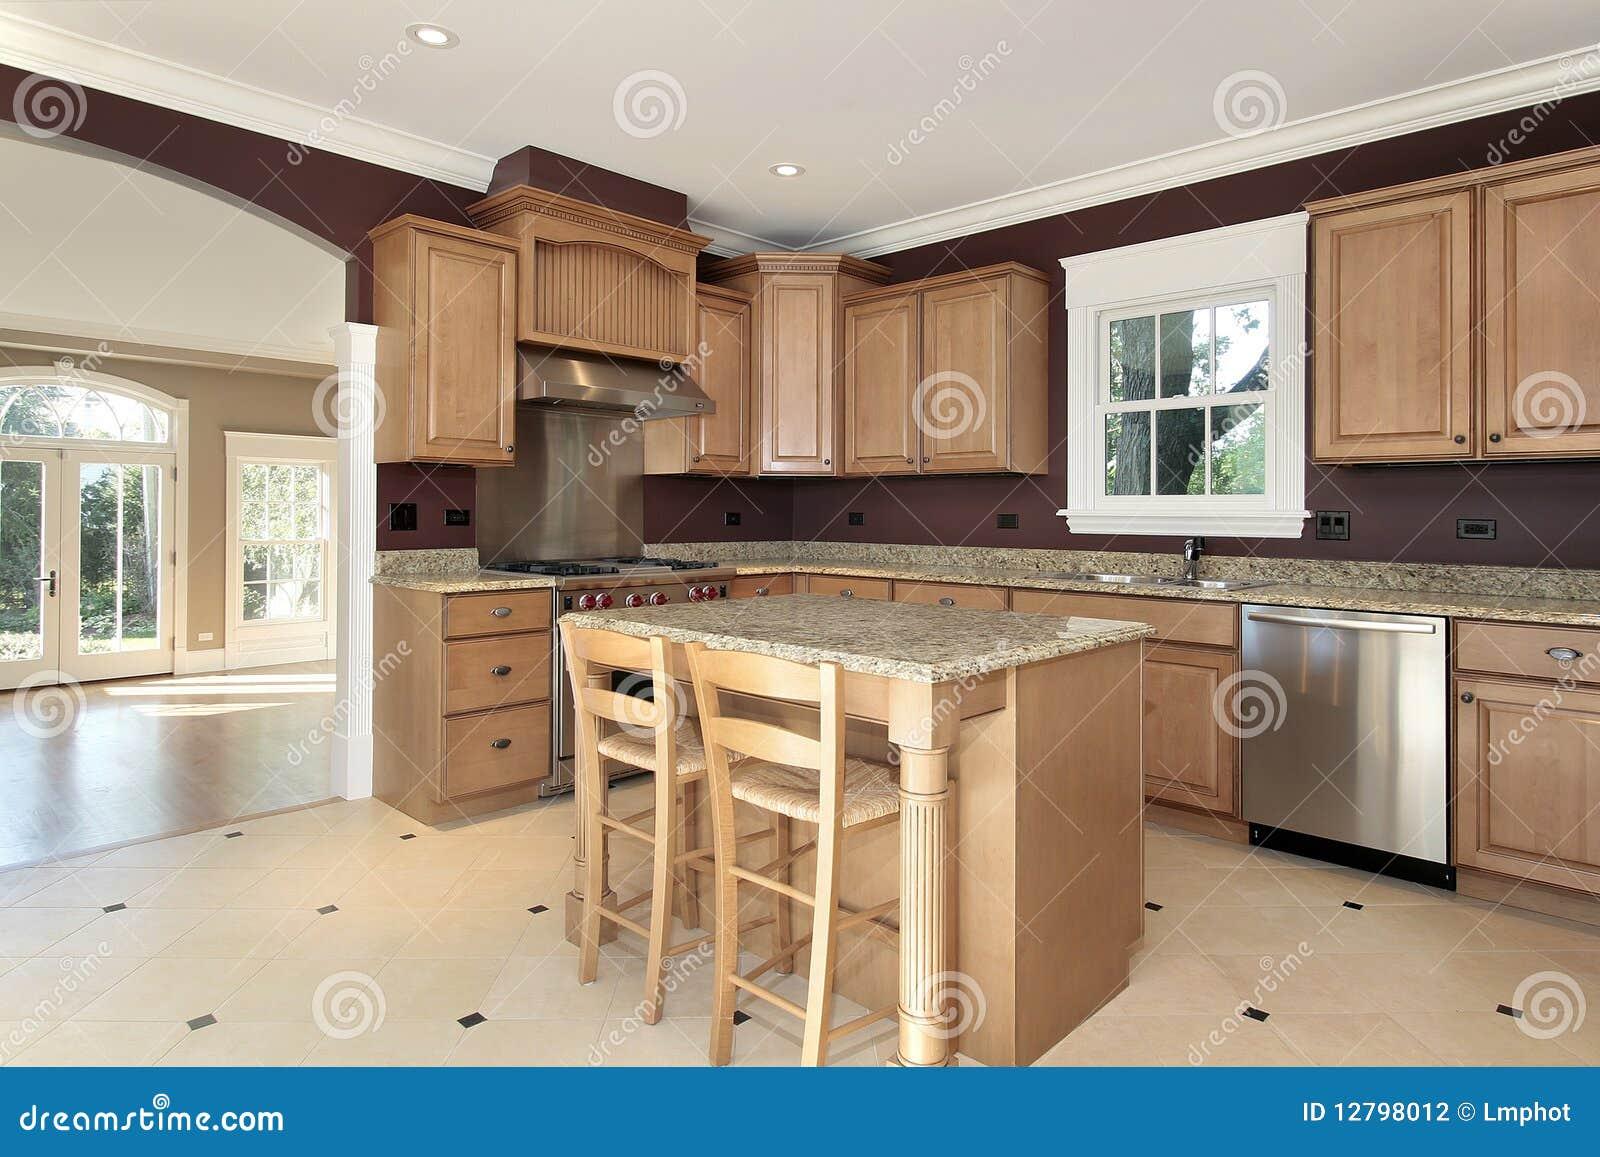 Keuken met graniet en houten eiland stock fotografie afbeelding 12798012 - Meubilair outdoor houten keuken ...